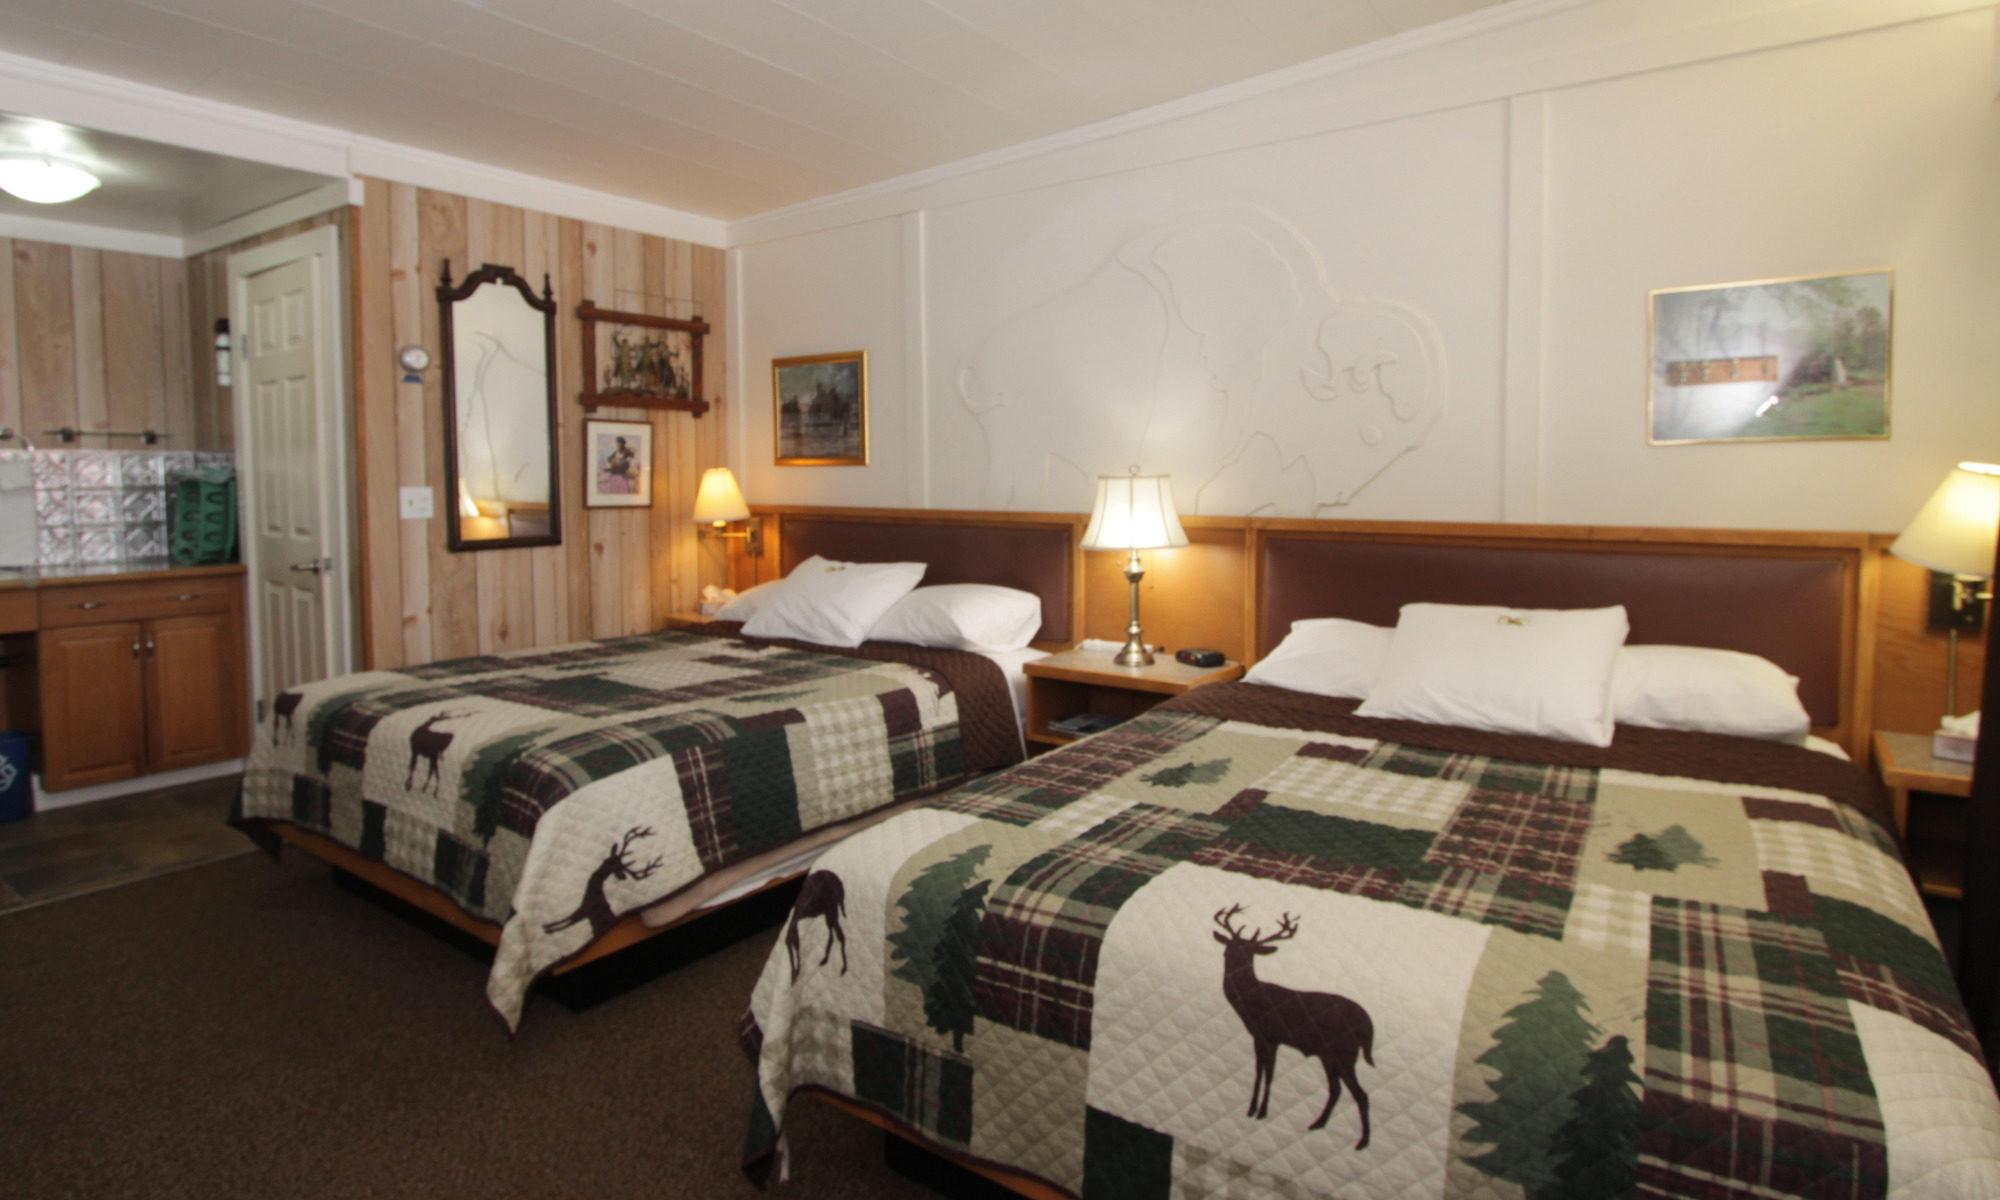 Room 11 beds